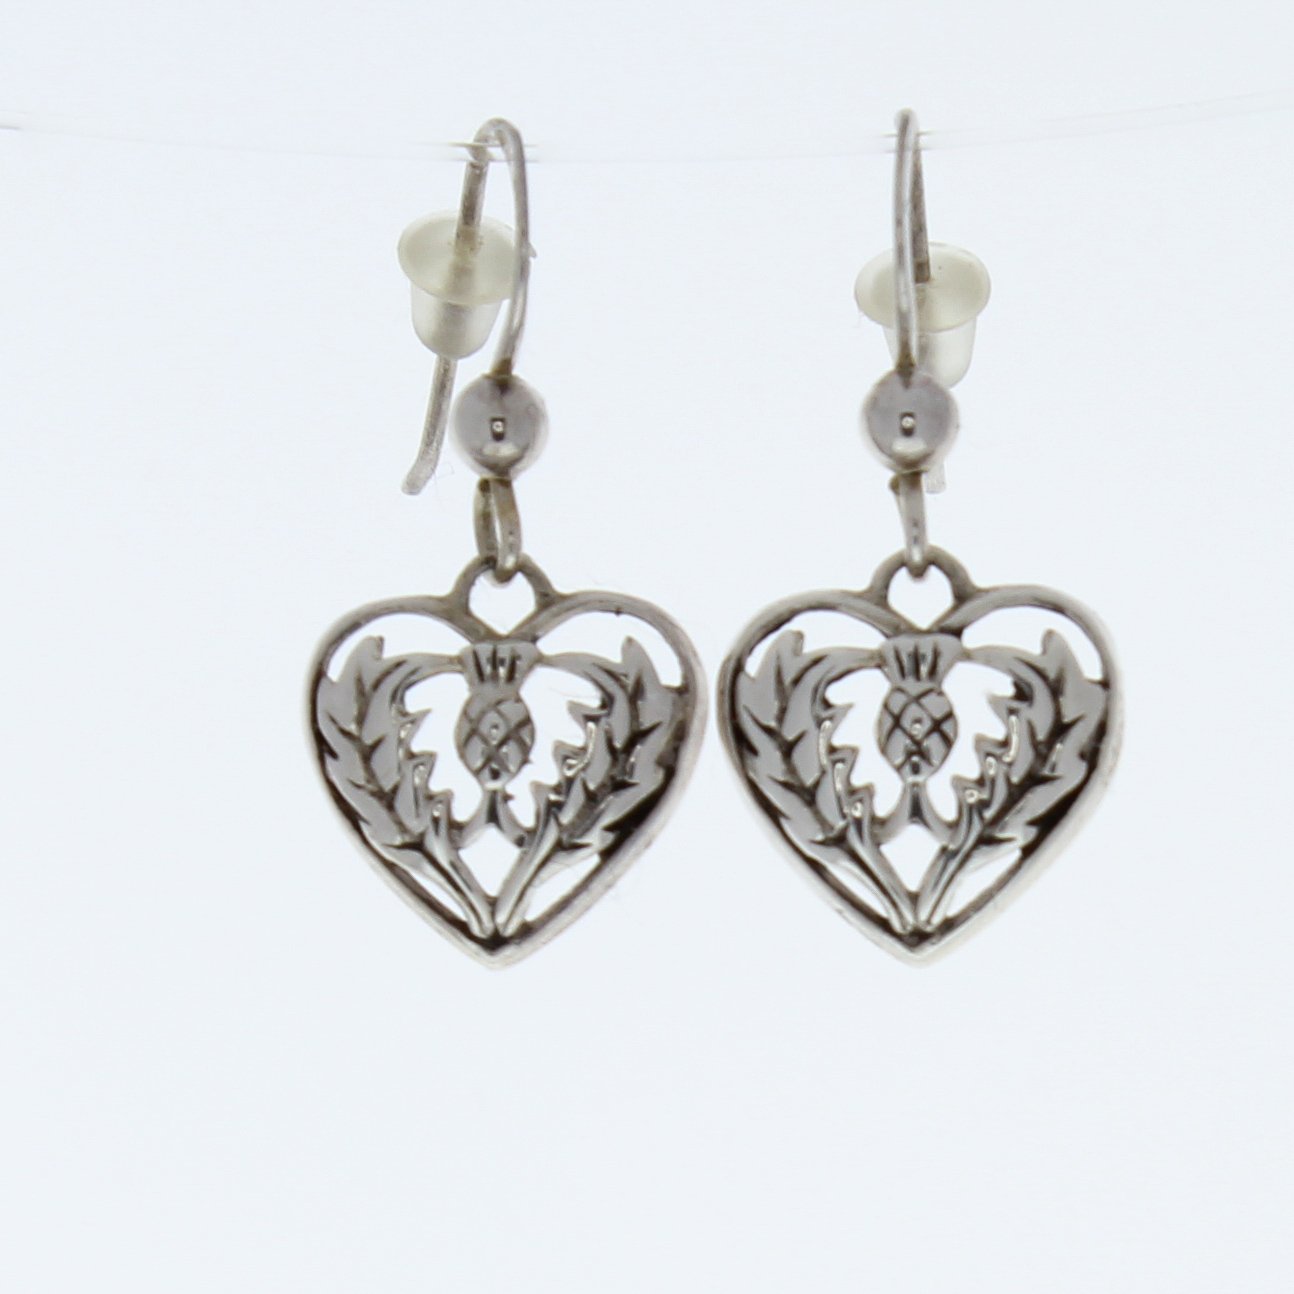 Silver Heart Shaped Earrings 79995a Jpg